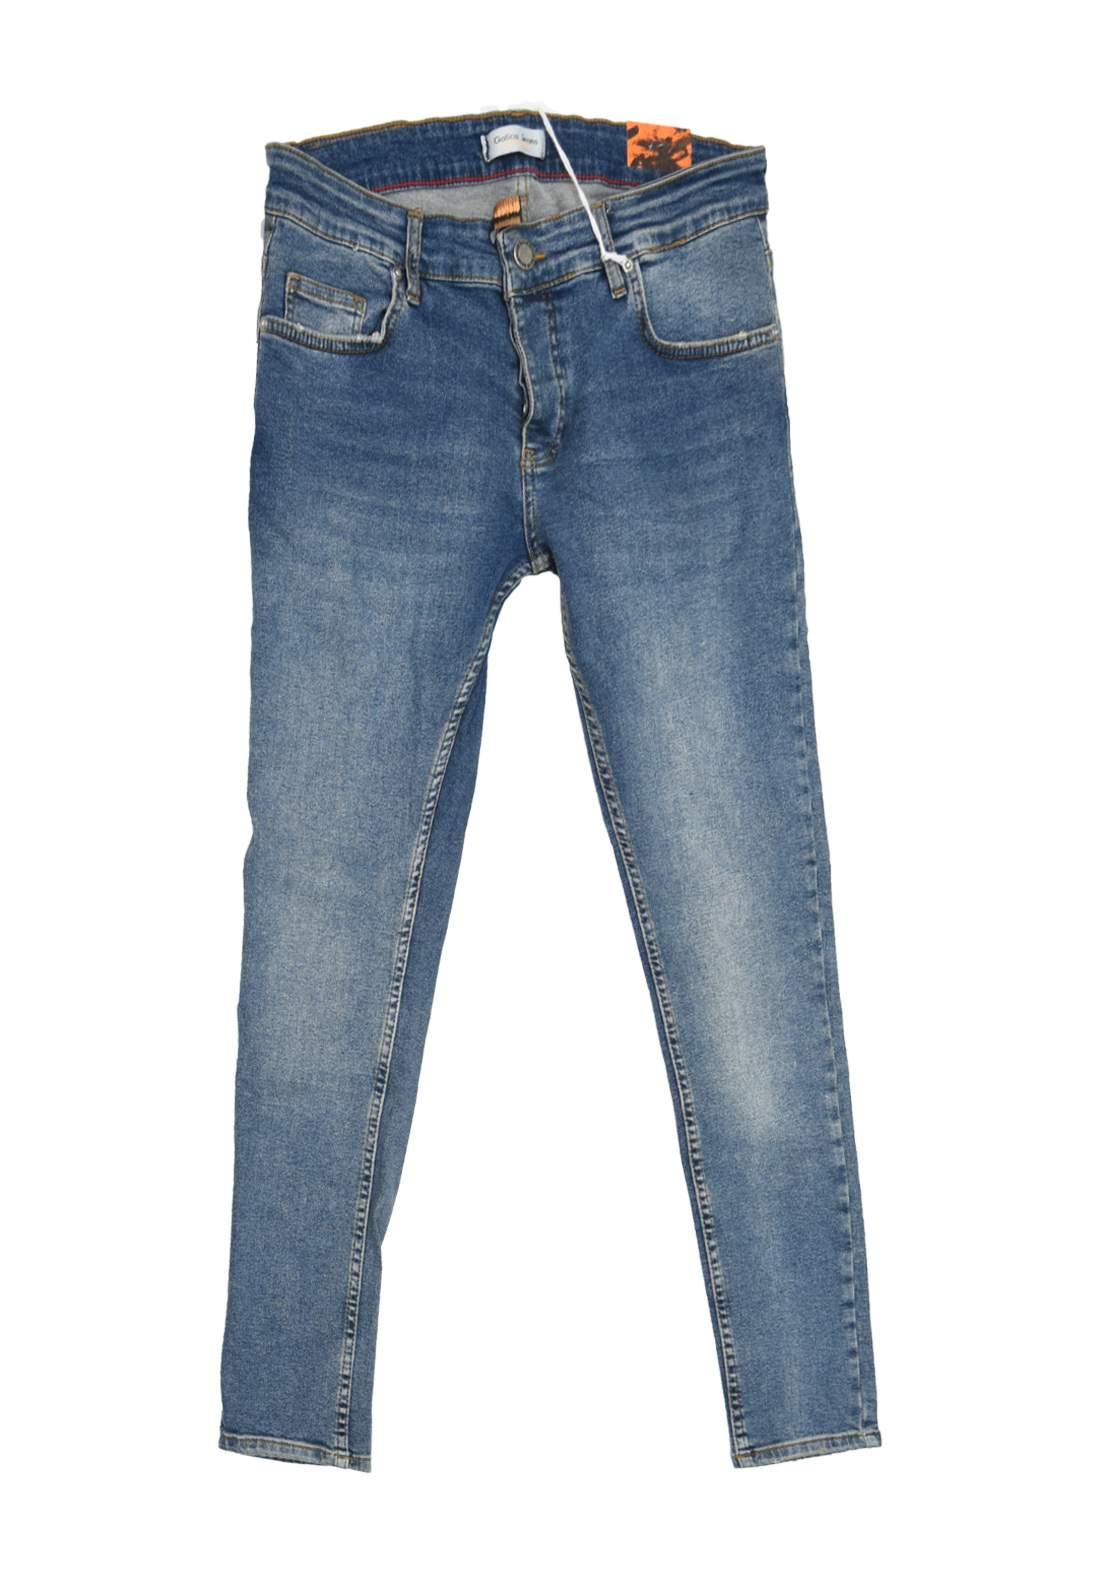 بنطلون رجالي جينز ازرق اللون